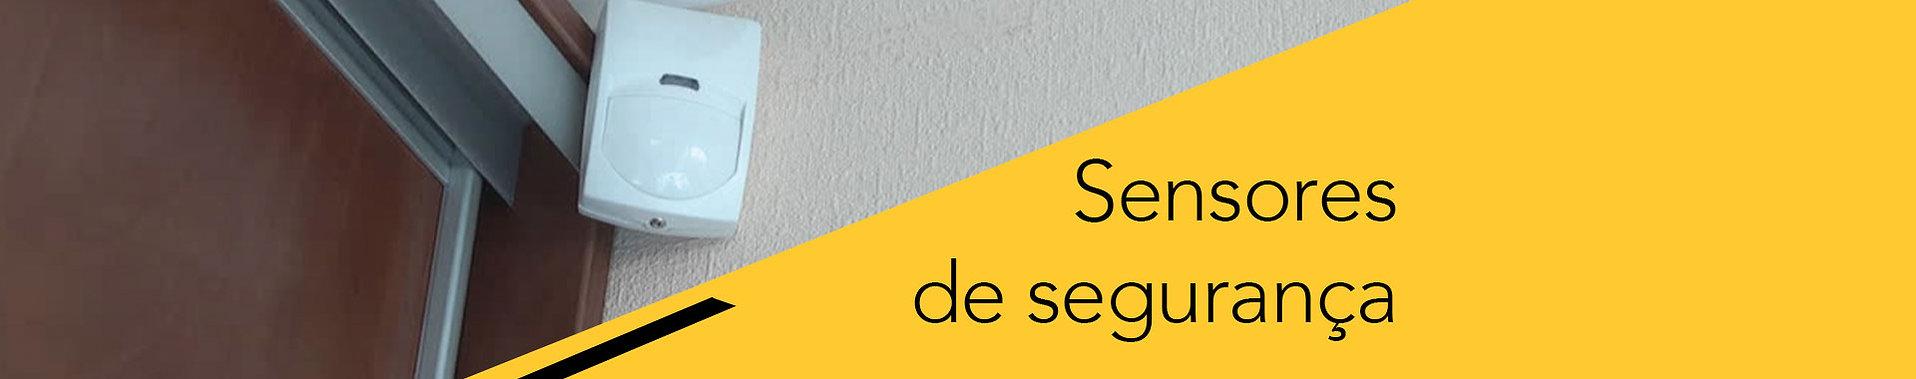 Topo_produtos_sensores.jpg